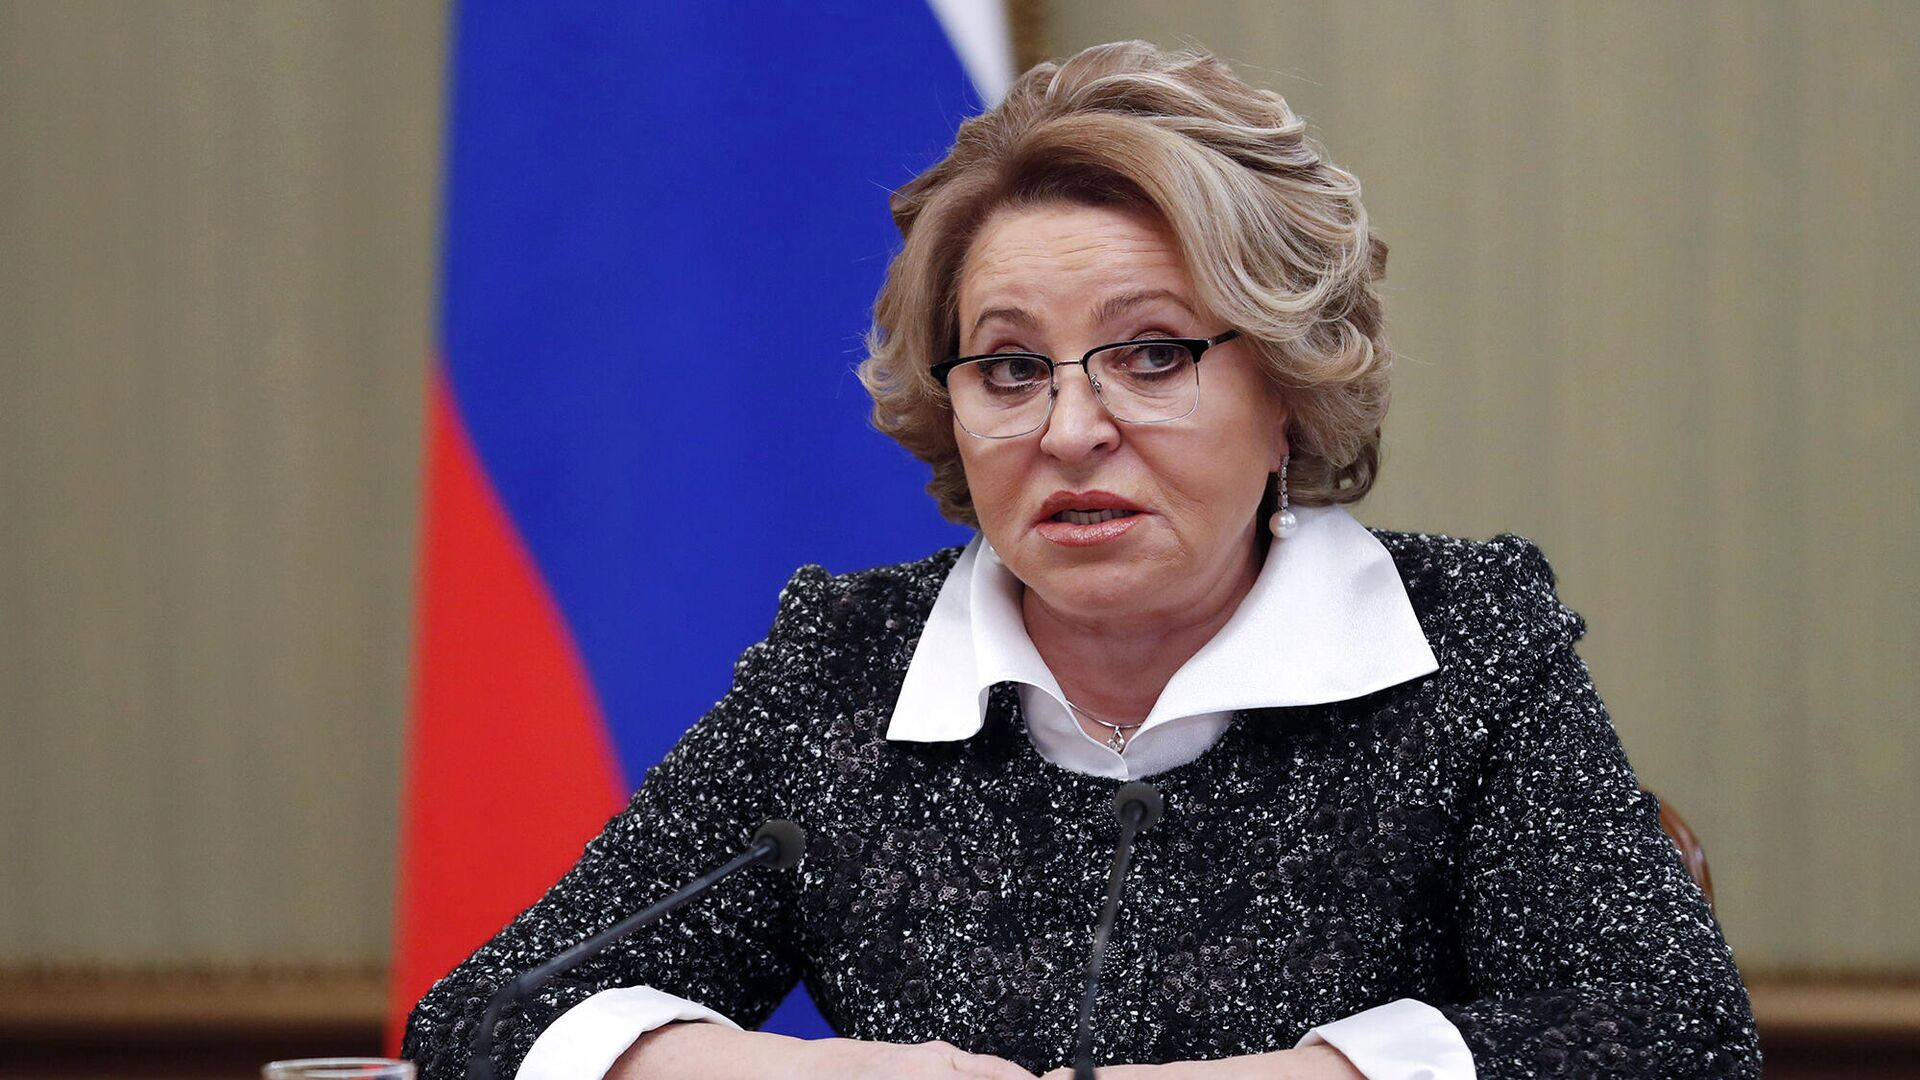 Споры не затмят сотрудничество России и Белоруссии, уверен Мезенцев